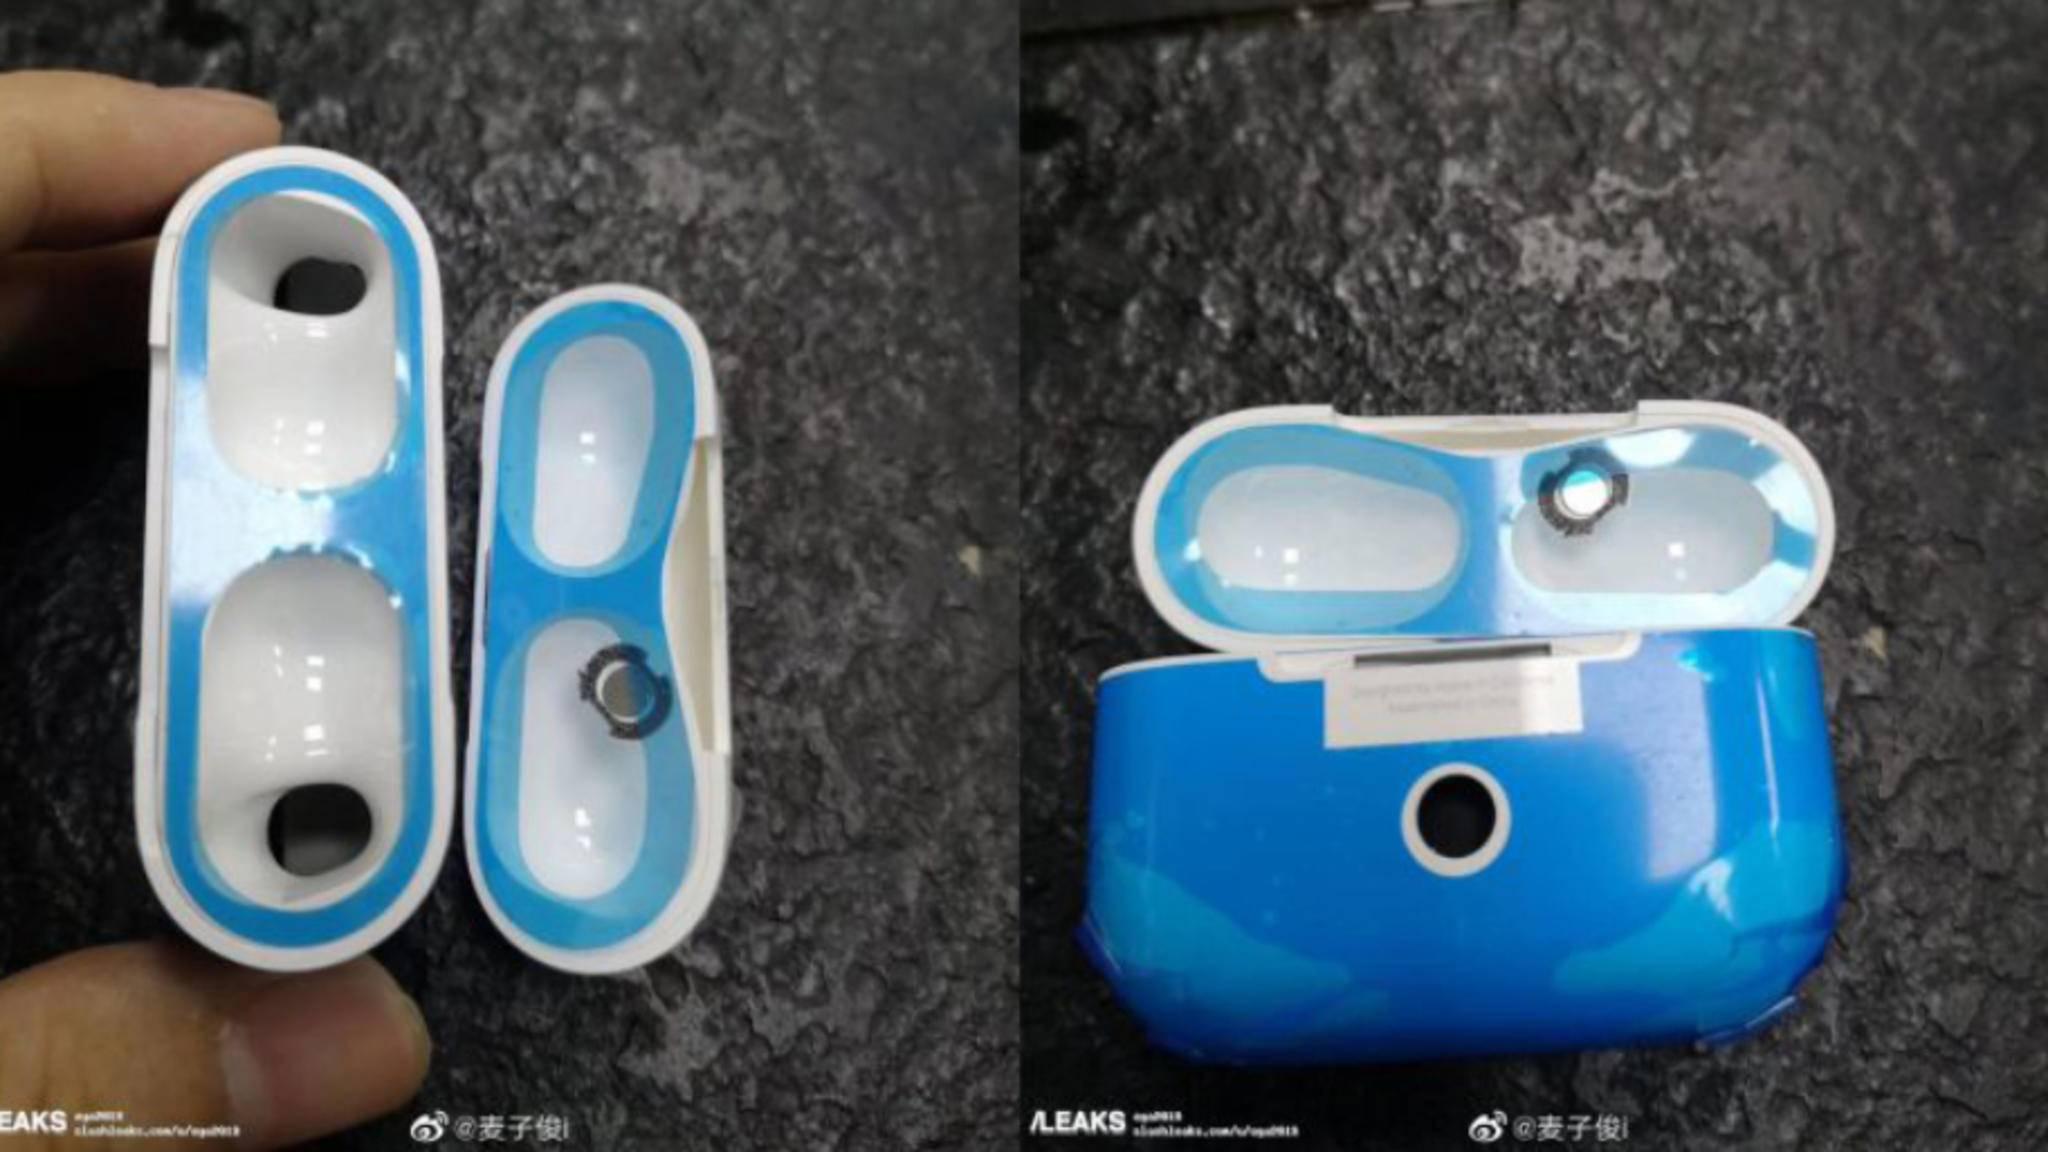 Zeigen diese Bilder das Ladecase der neuen AirPods Pro?